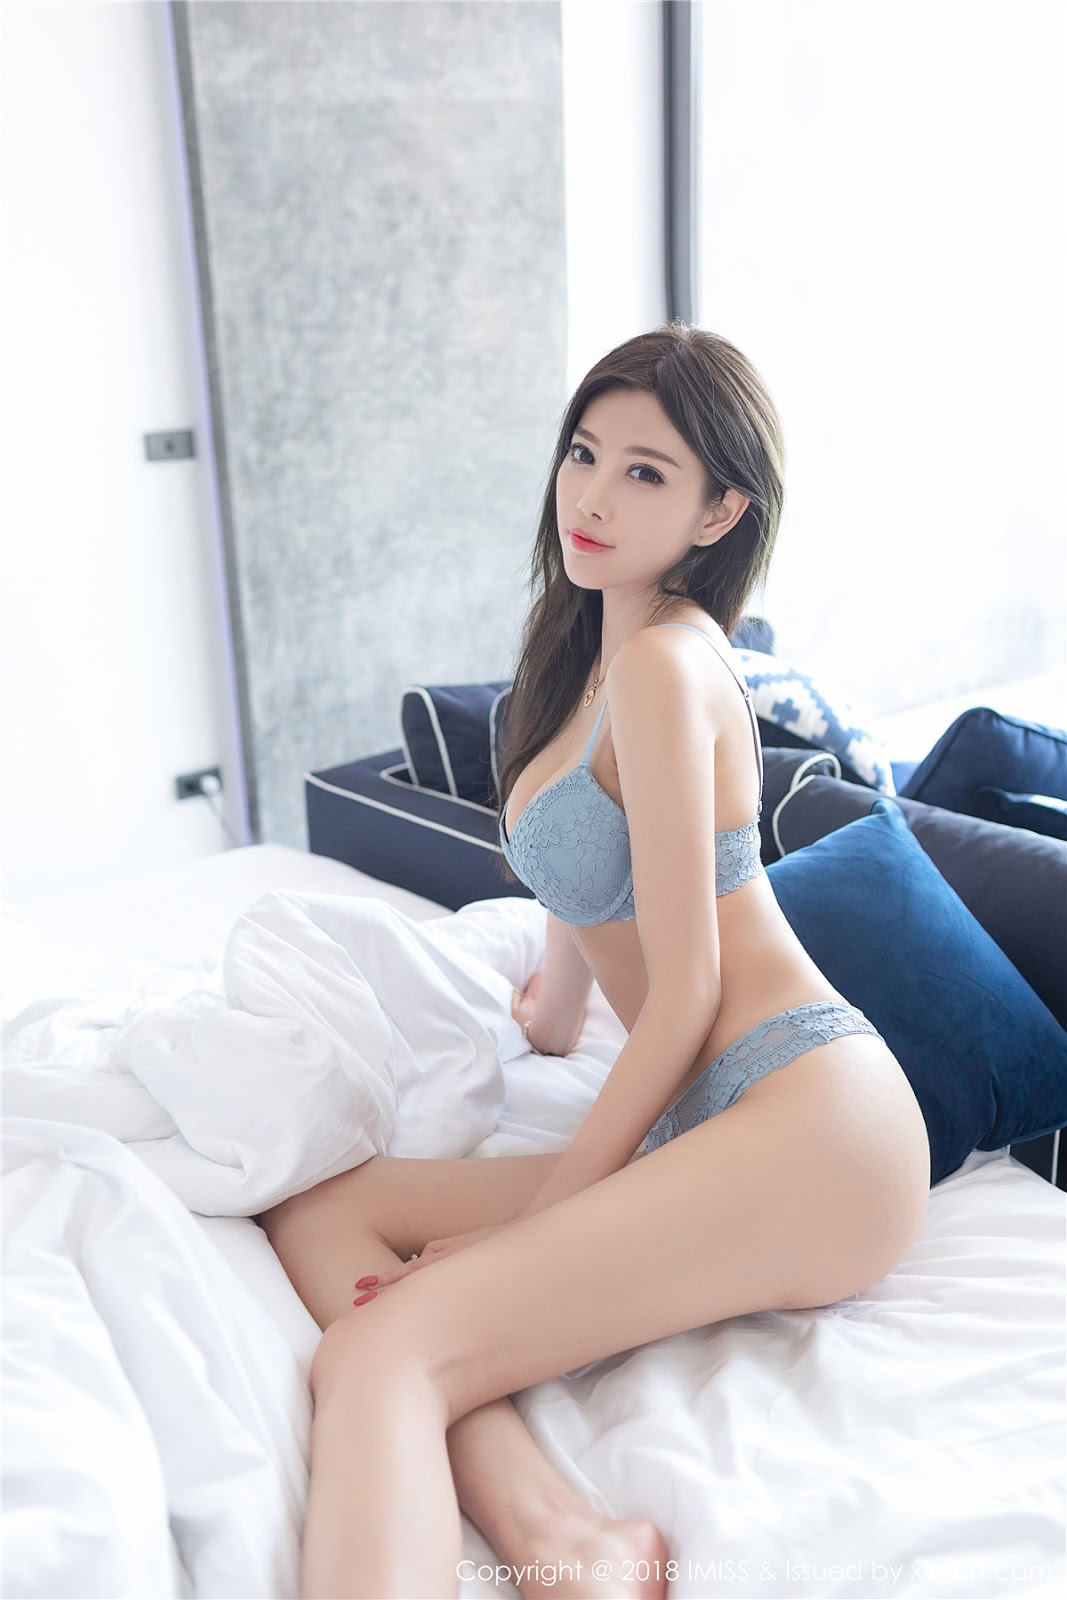 Hot Girls ♔♔… 杨晨晨sugar, - Trang 8